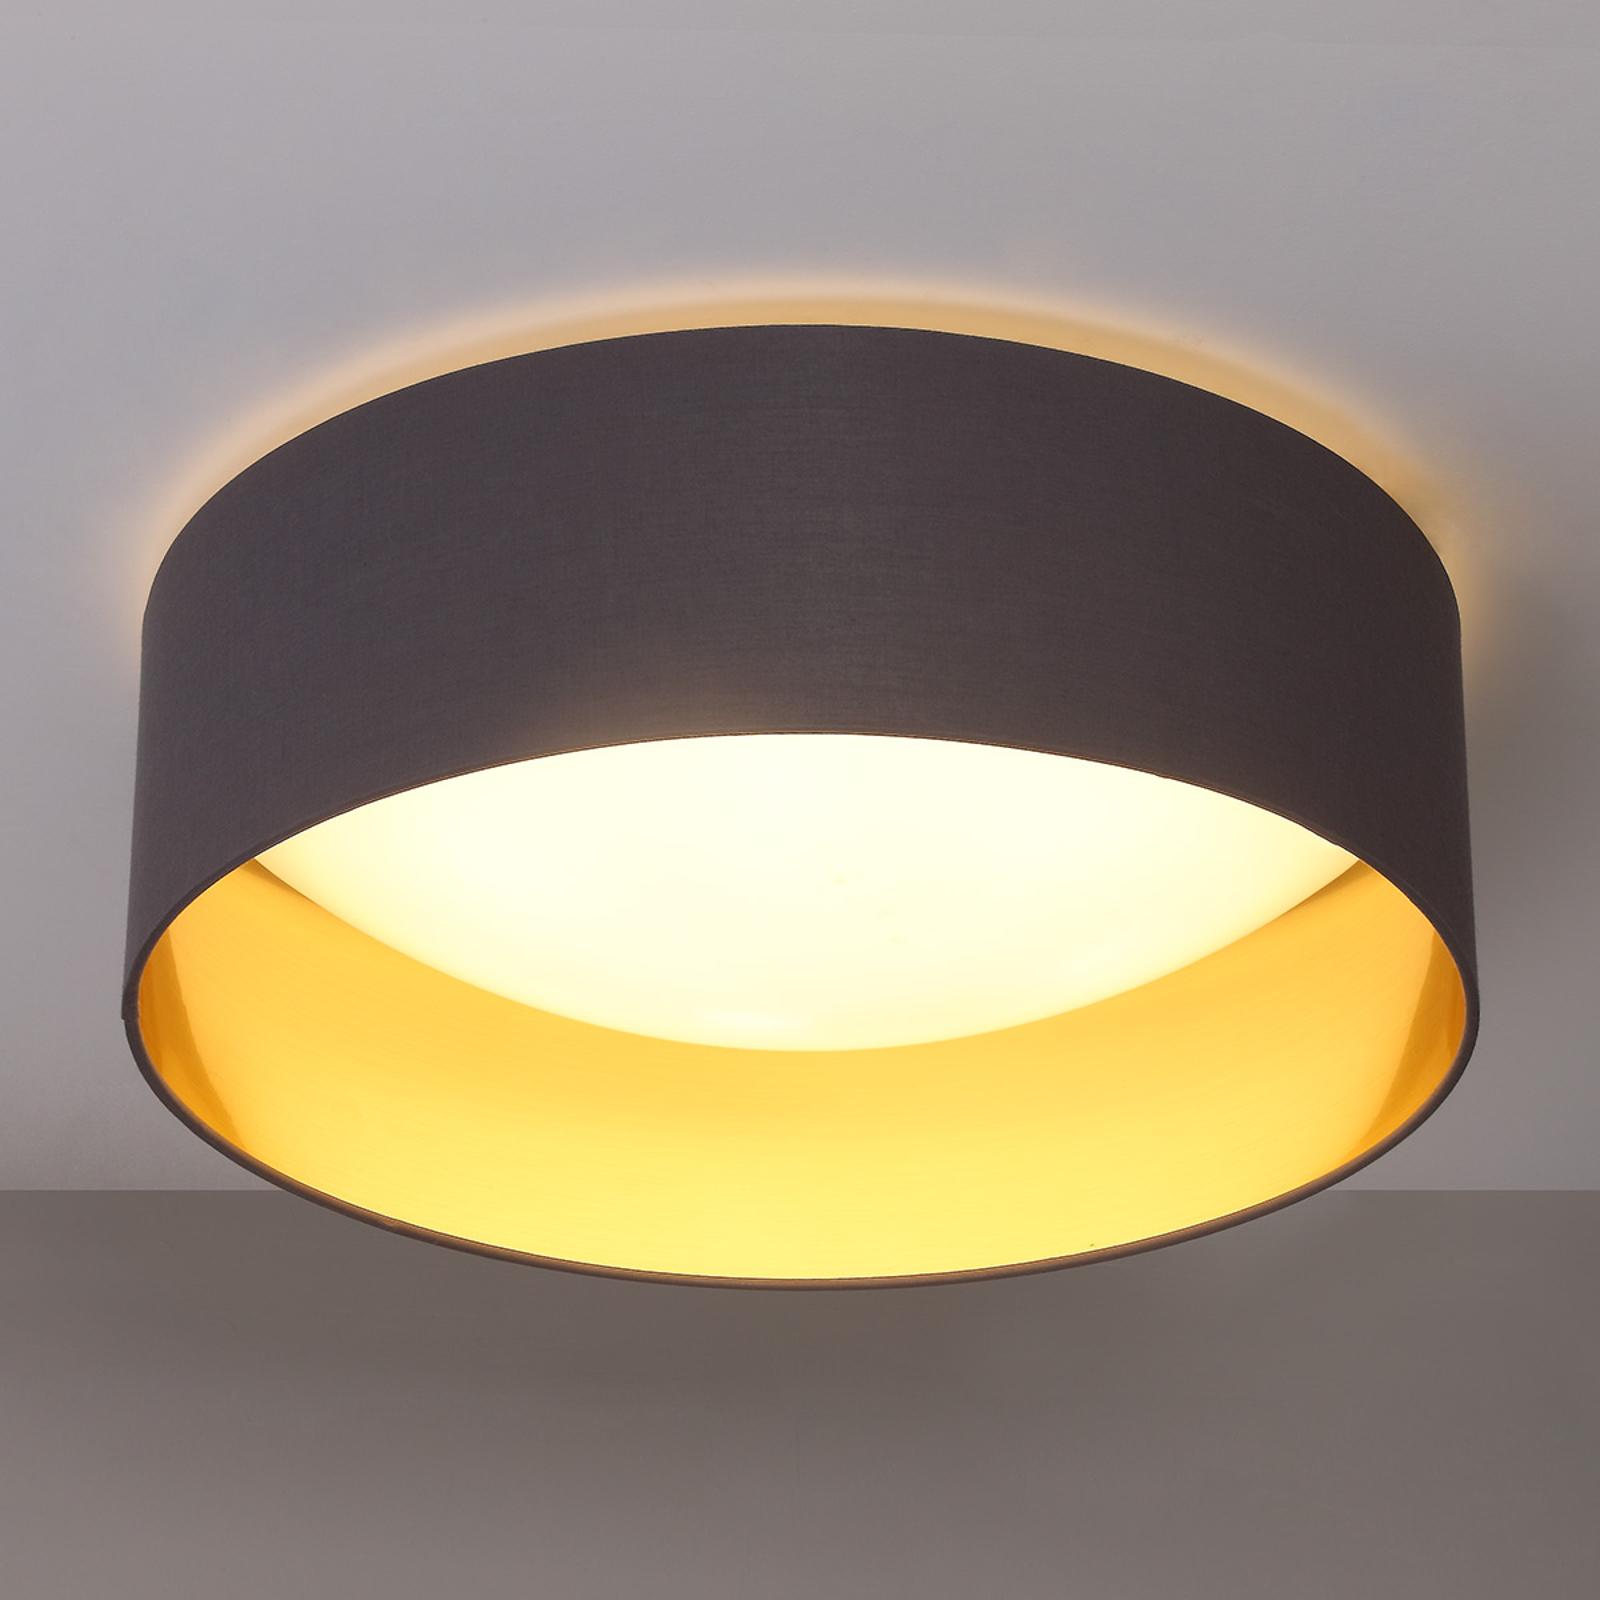 Plafón de telaColeen gris con interior dorado